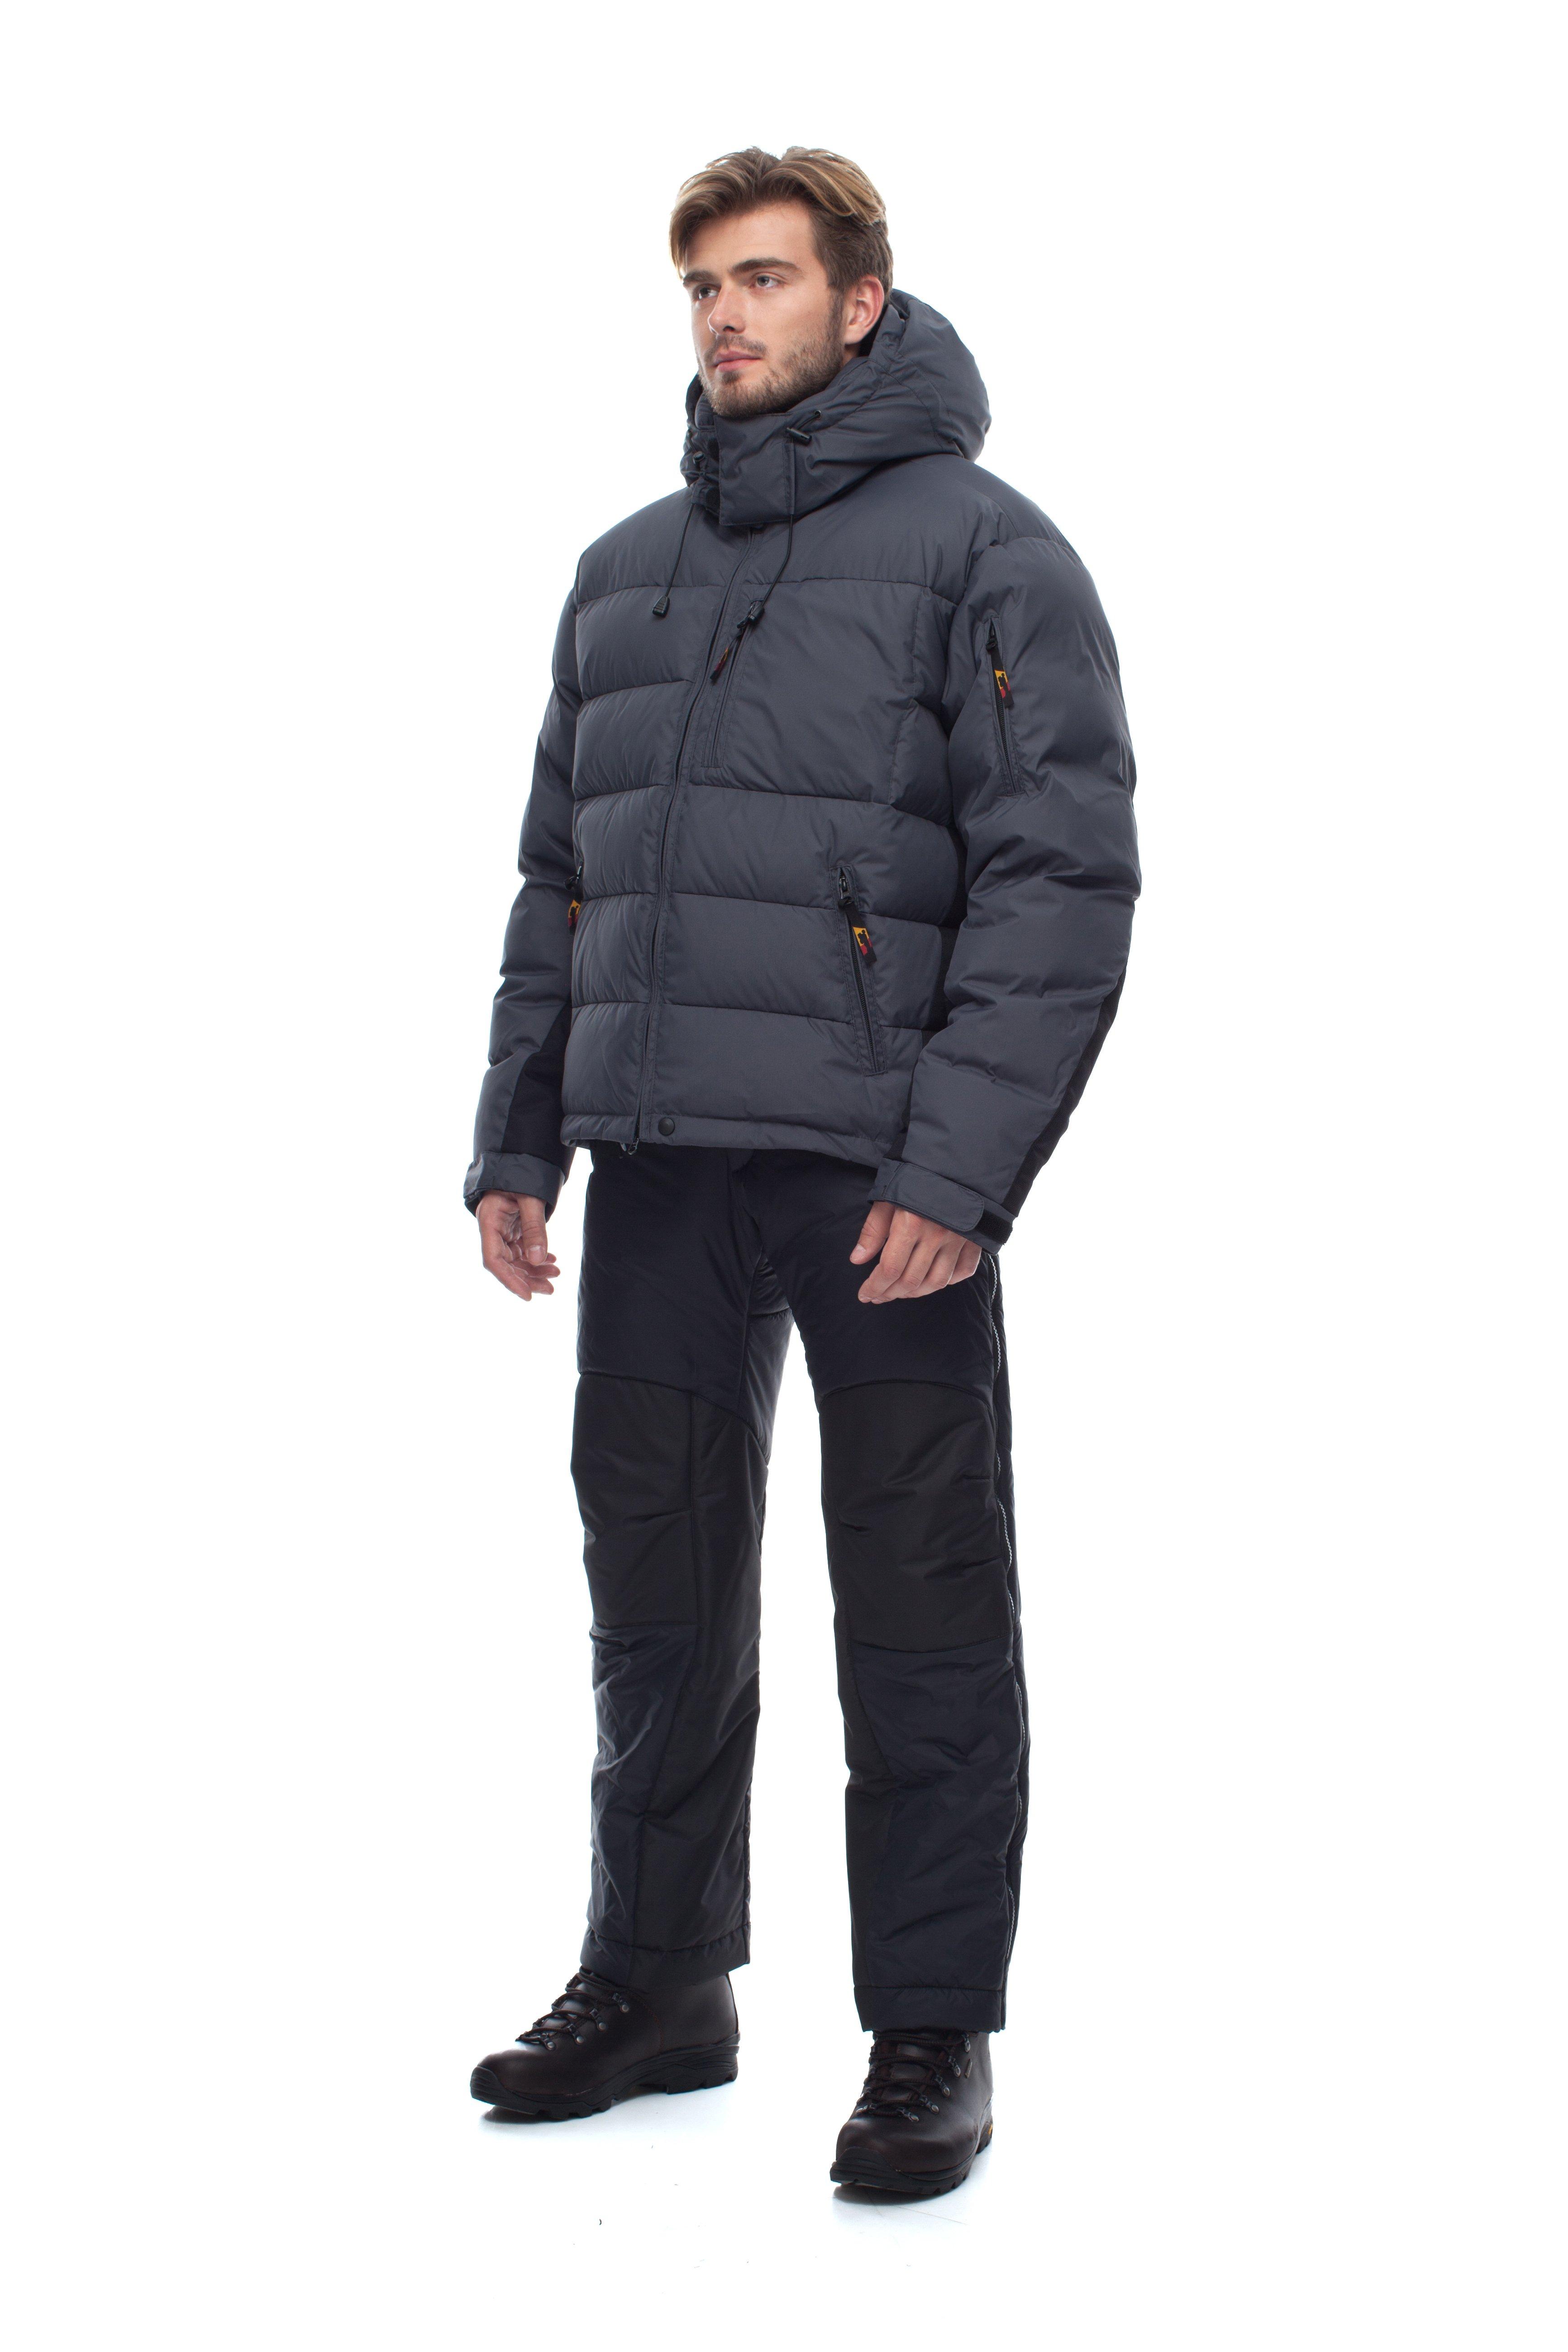 Пуховая куртка BASK SHICK V3 1907BКуртки<br><br><br>Верхняя ткань: Polyester Hipol<br>Вес граммы: 1600<br>Вес утеплителя: 375<br>Ветро-влагозащитные свойства верхней ткани: Да<br>Ветрозащитная планка: Да<br>Ветрозащитная юбка: Нет<br>Влагозащитные молнии: Нет<br>Внутренние манжеты: Нет<br>Внутренняя ткань: Resist-DT®<br>Водонепроницаемость: 1000<br>Дублирующий центральную молнию клапан: Нет<br>Защитный козырёк капюшона: Нет<br>Капюшон: Съемный<br>Карман для средств связи: Нет<br>Количество внешних карманов: 4<br>Количество внутренних карманов: 2<br>Коллекция: OUTDOOR SPIRIT ADVENTURE TEAM<br>Объемный крой локтевой зоны: Да<br>Отстёгивающиеся рукава: Нет<br>Показатель Fill Power (для пуховых изделий): 650<br>Пол: Мужской<br>Проклейка швов: Нет<br>Регулировка манжетов рукавов: Да<br>Регулировка низа: Да<br>Регулировка объёма капюшона: Да<br>Регулировка талии: Да<br>Регулируемые вентиляционные отверстия: Да<br>Световозвращающая лента: Нет<br>Температурный режим: -20<br>Технология Thermal Welding: Нет<br>Технология швов: Закрытые<br>Тип молнии: Двухзамковая<br>Тип утеплителя: Натуральный<br>Ткань усиления: Cats-eye PU<br>Усиление контактных зон: Да<br>Утеплитель: Гусиный пух<br>Размер RU: 56<br>Цвет: КРАСНЫЙ